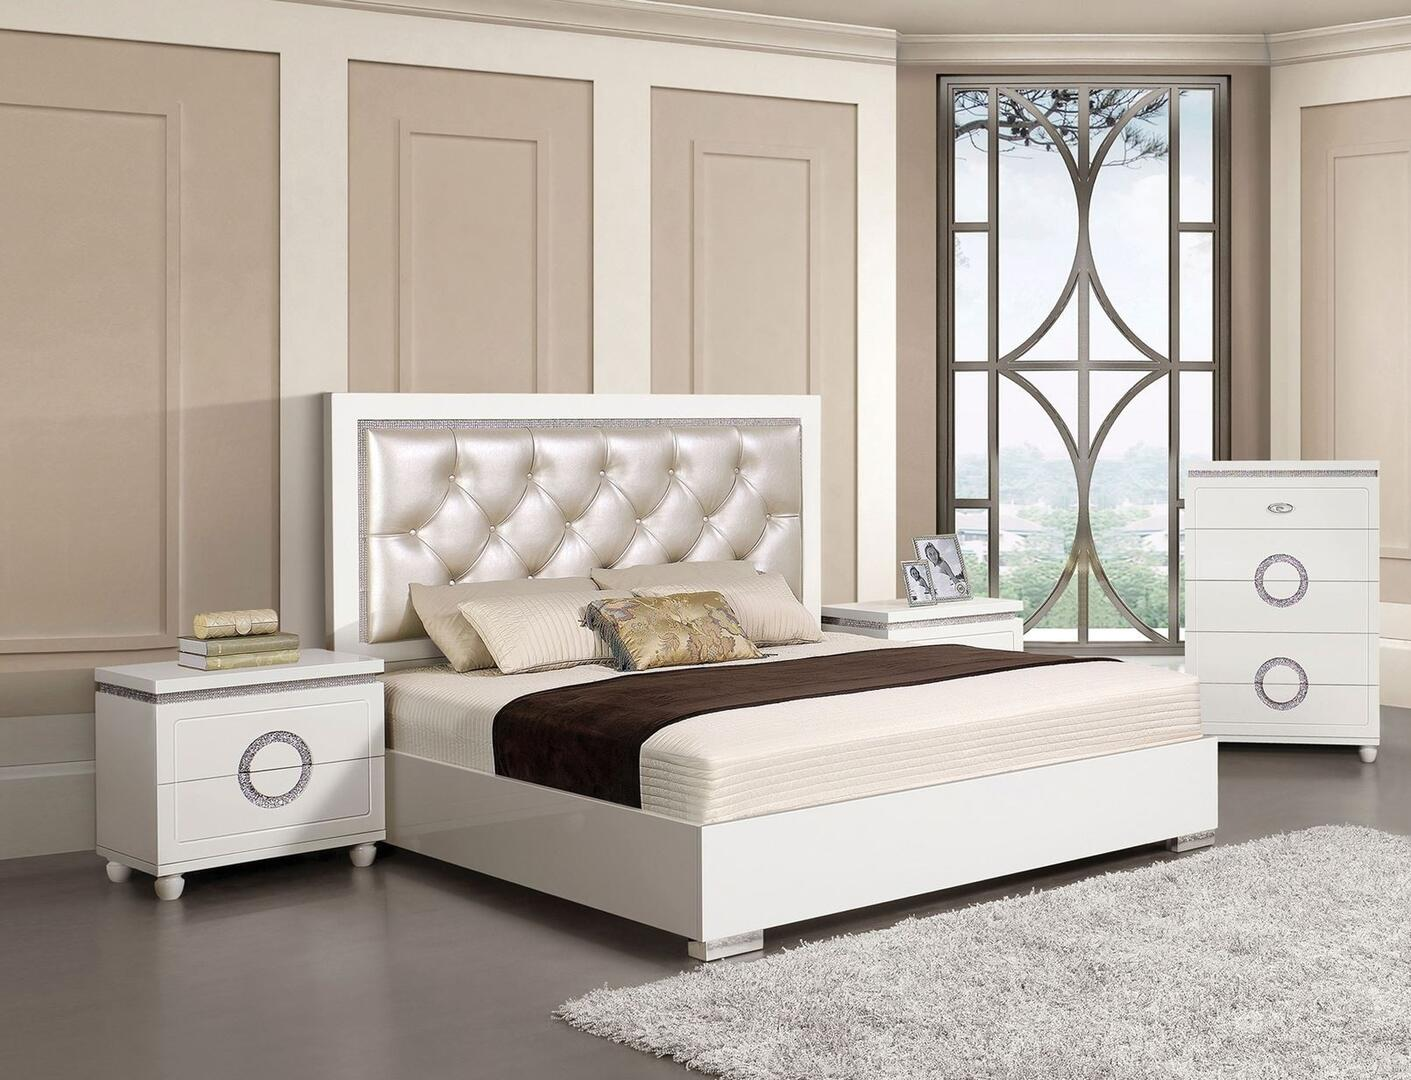 d39cad40b Acme Furniture 20237EK4SET Vivaldi King Bedroom Sets | Appliances ...